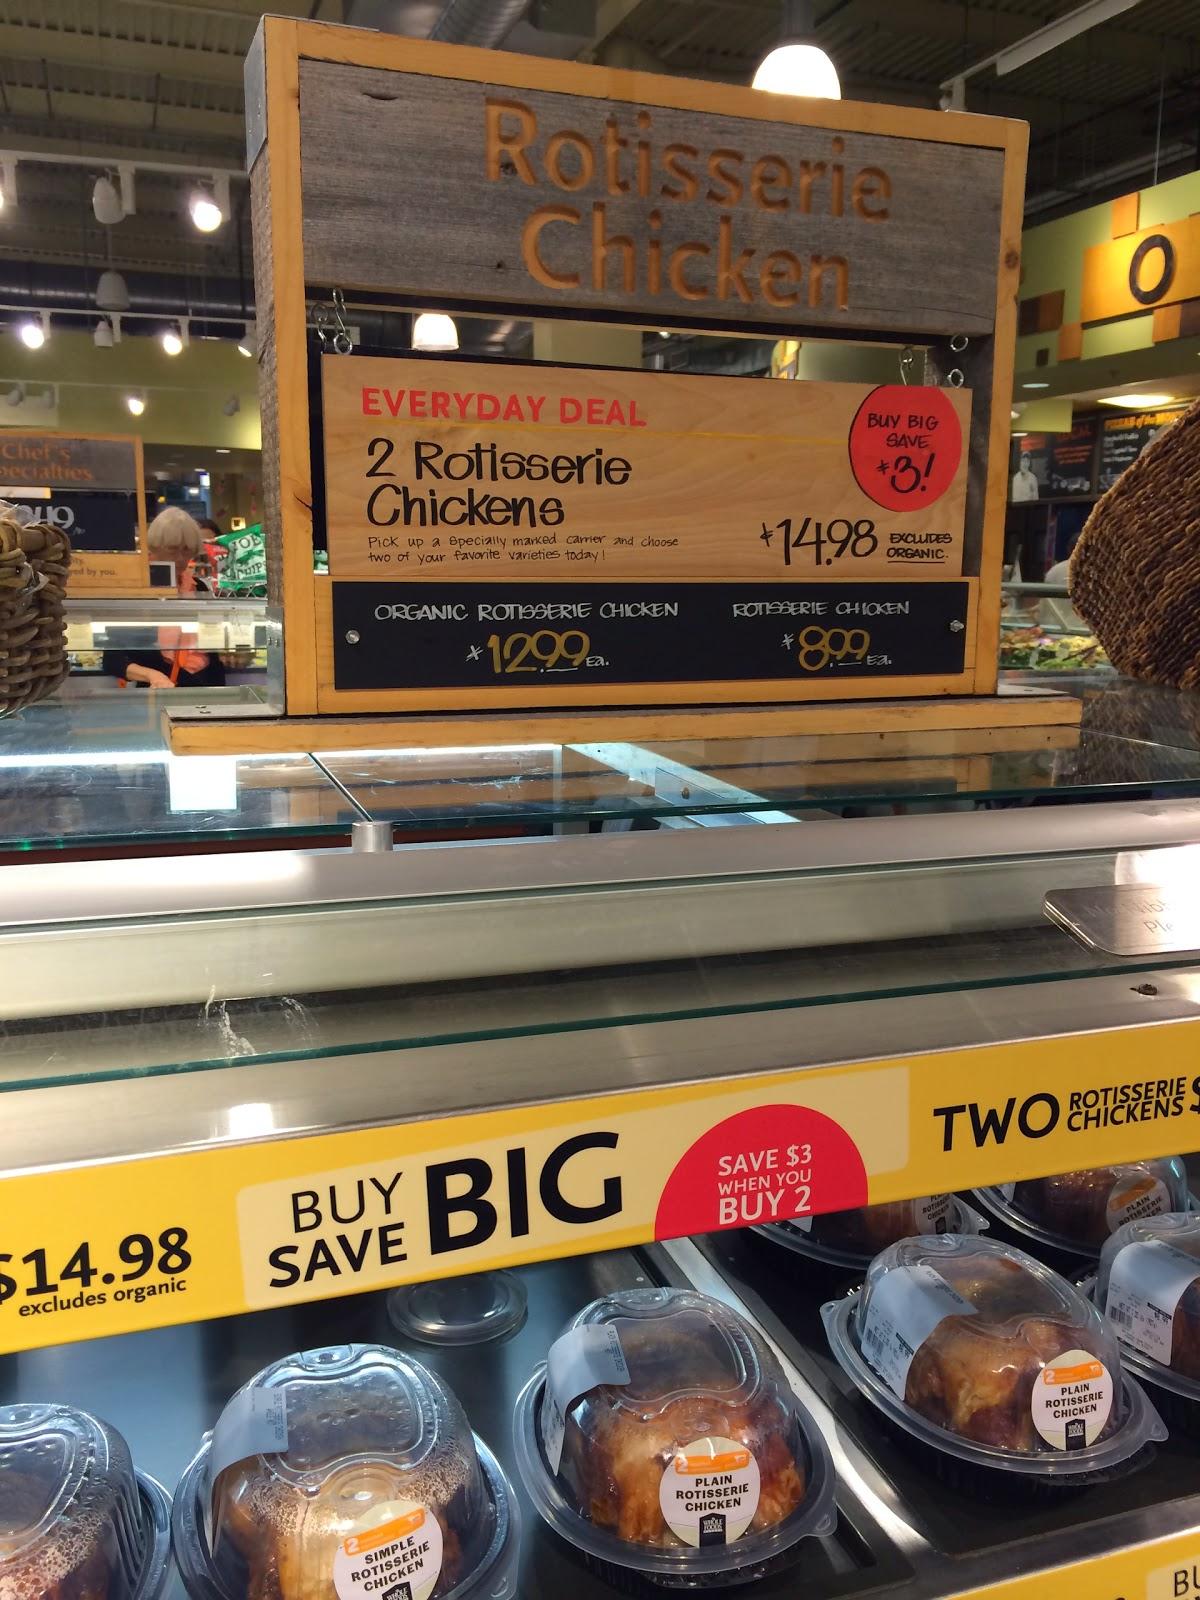 Whole Foods Rotisserie Chicken Ingredients